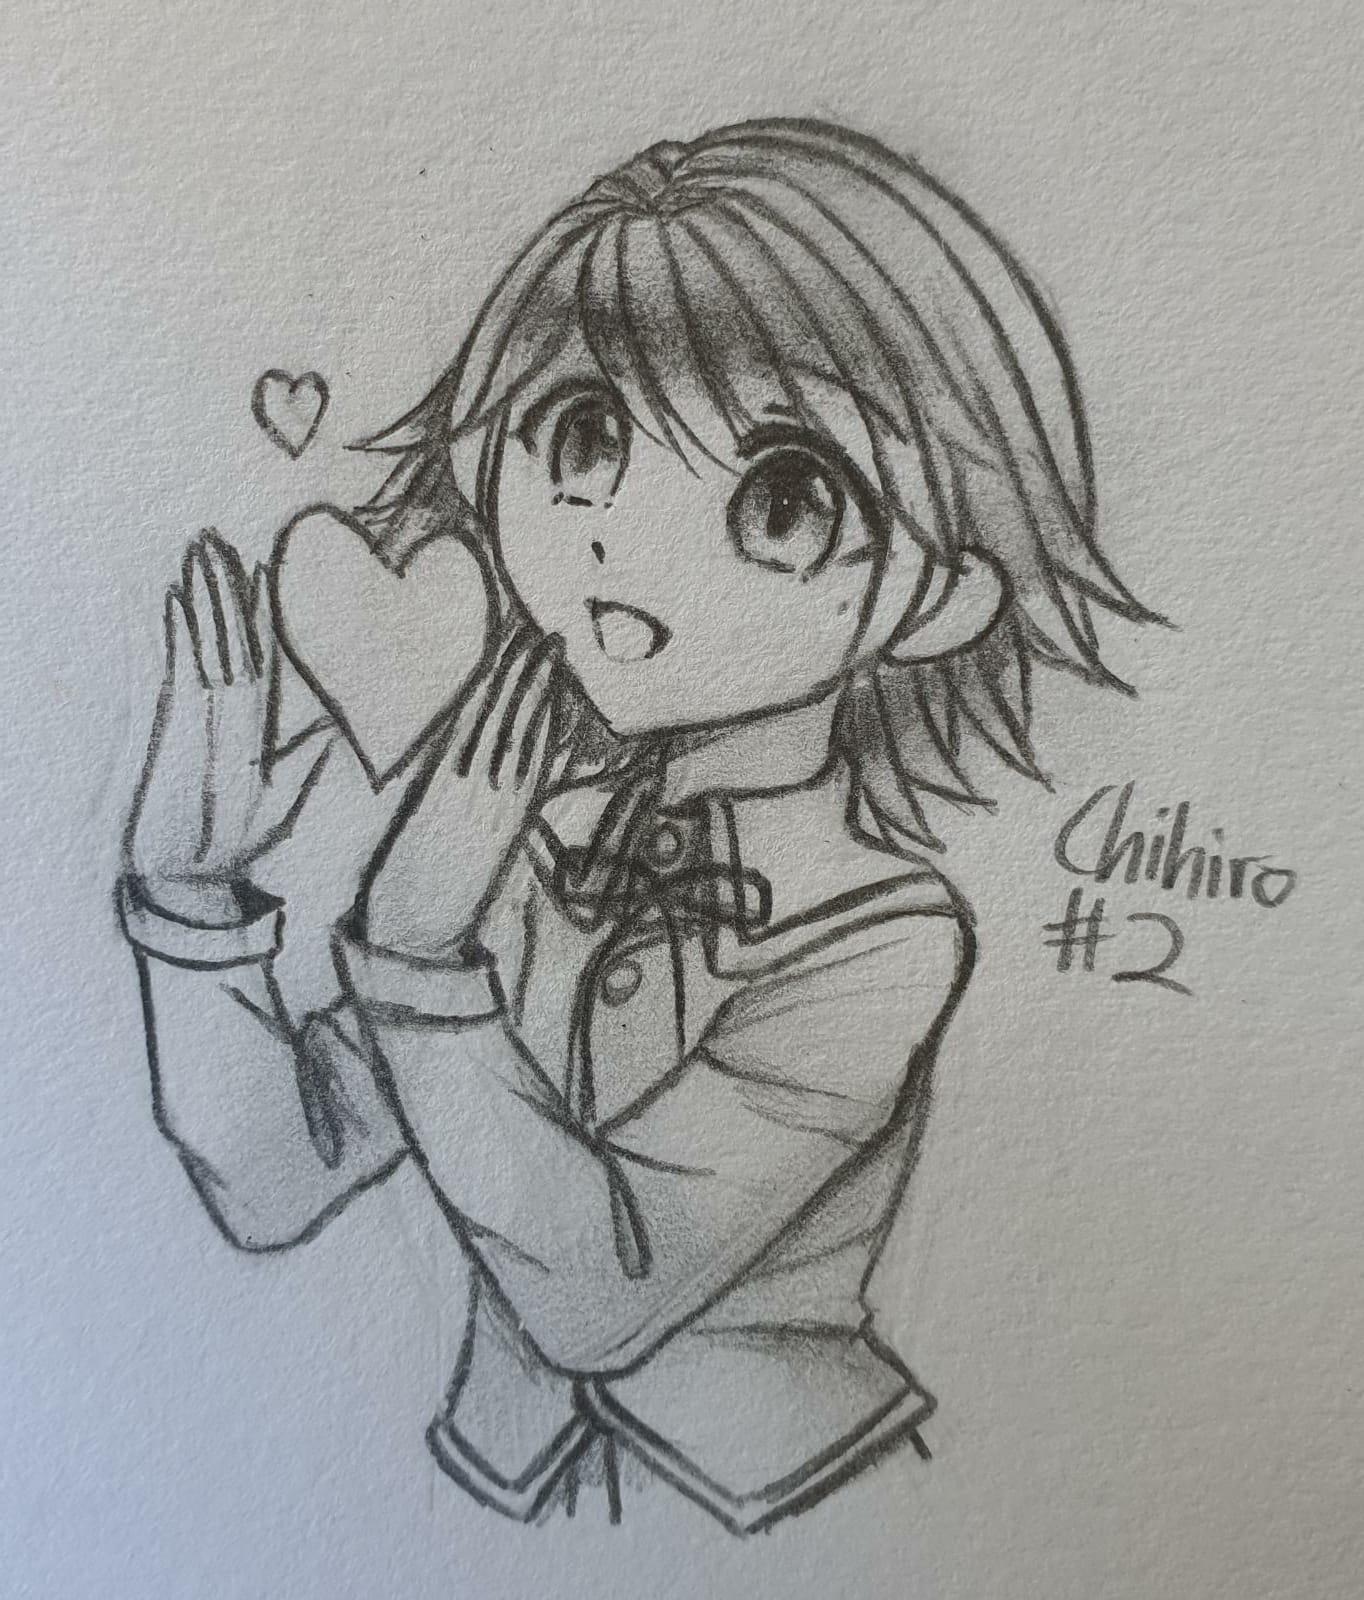 ChihiroKun